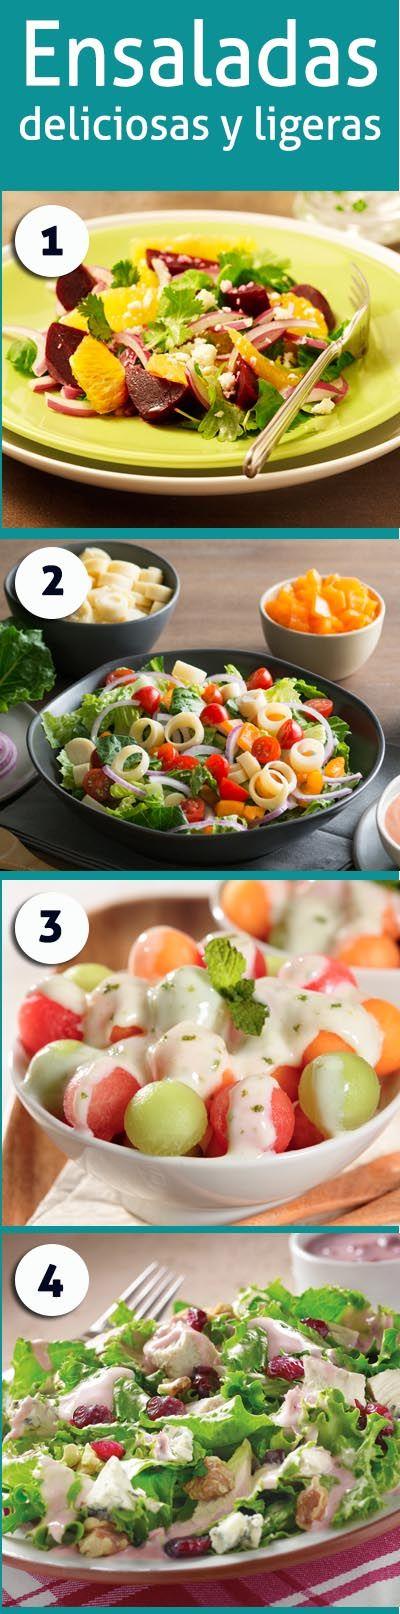 Dale vida a tu mesa con estas cuatro ensaladas llenas de sabor y vívidos colores. ¡Una comida completa, deliciosa y fácil de preparar!